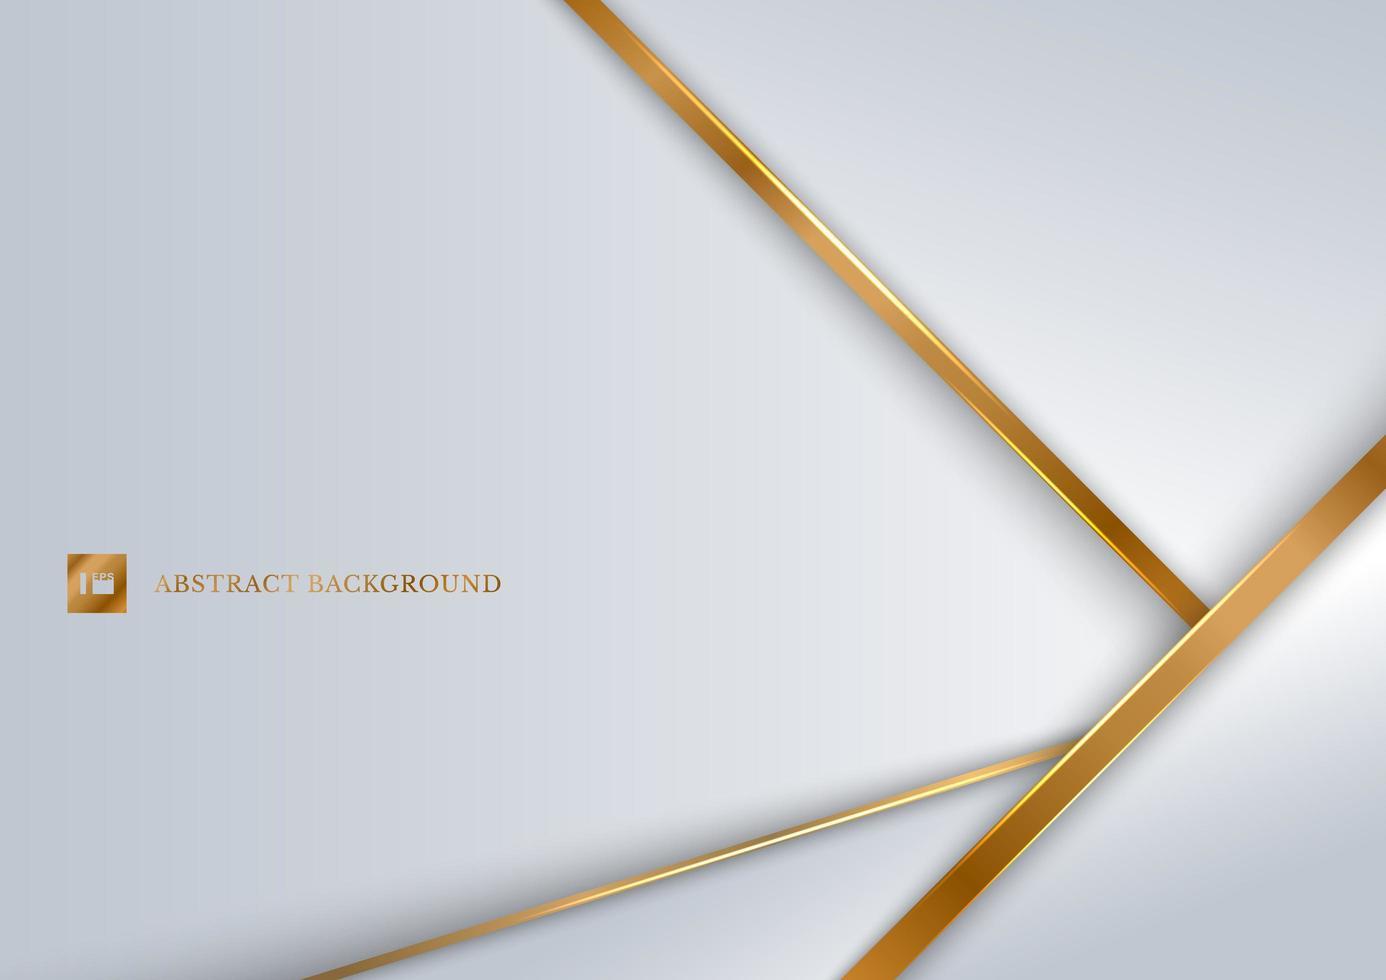 geometrische überlappende Schichten des abstrakten weißen Hintergrunds vektor